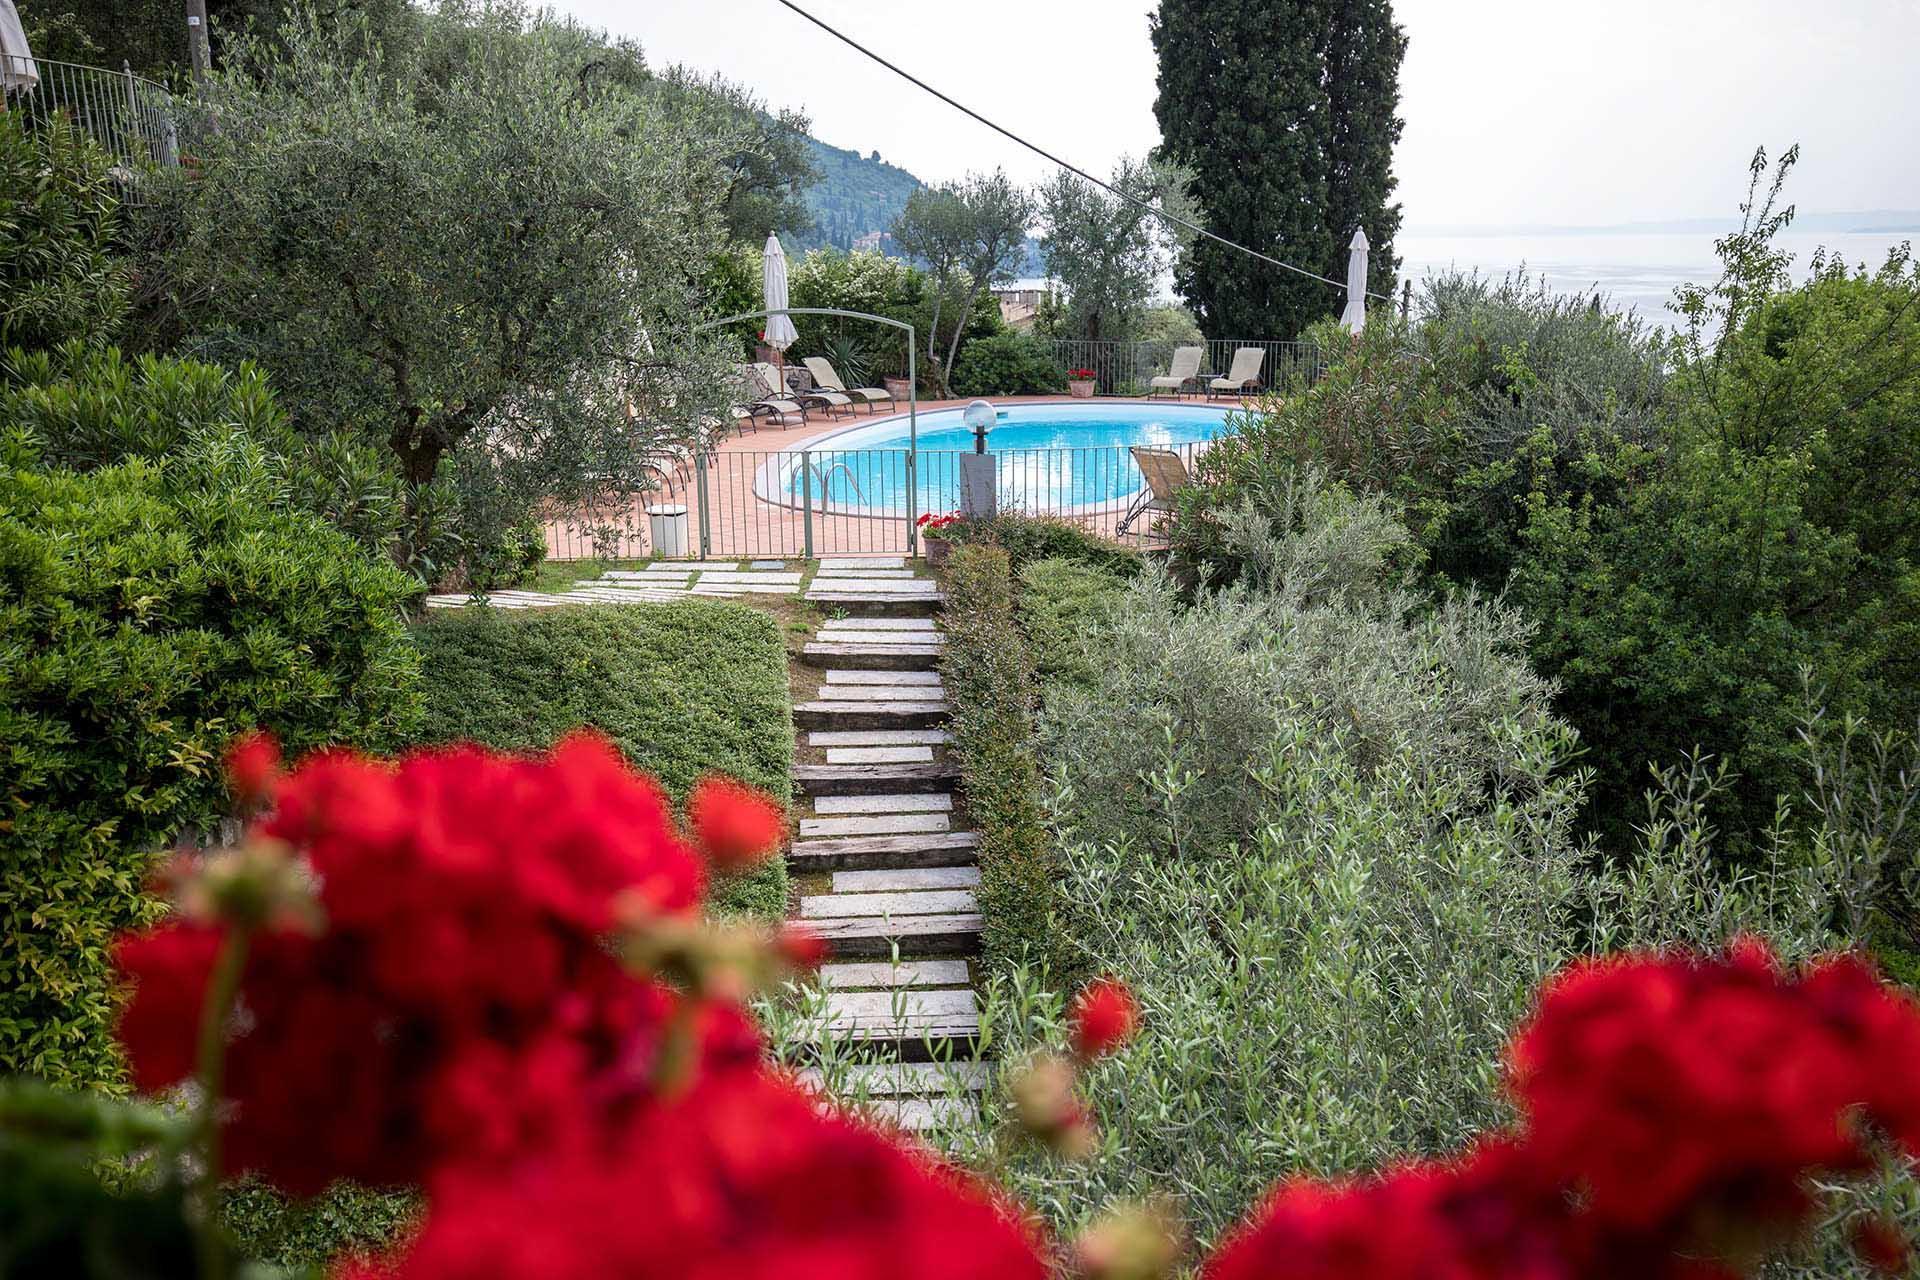 giardino_residencec_ca_del_lago_hotel_con_giardino_piscina_lago_di_garda.jpg